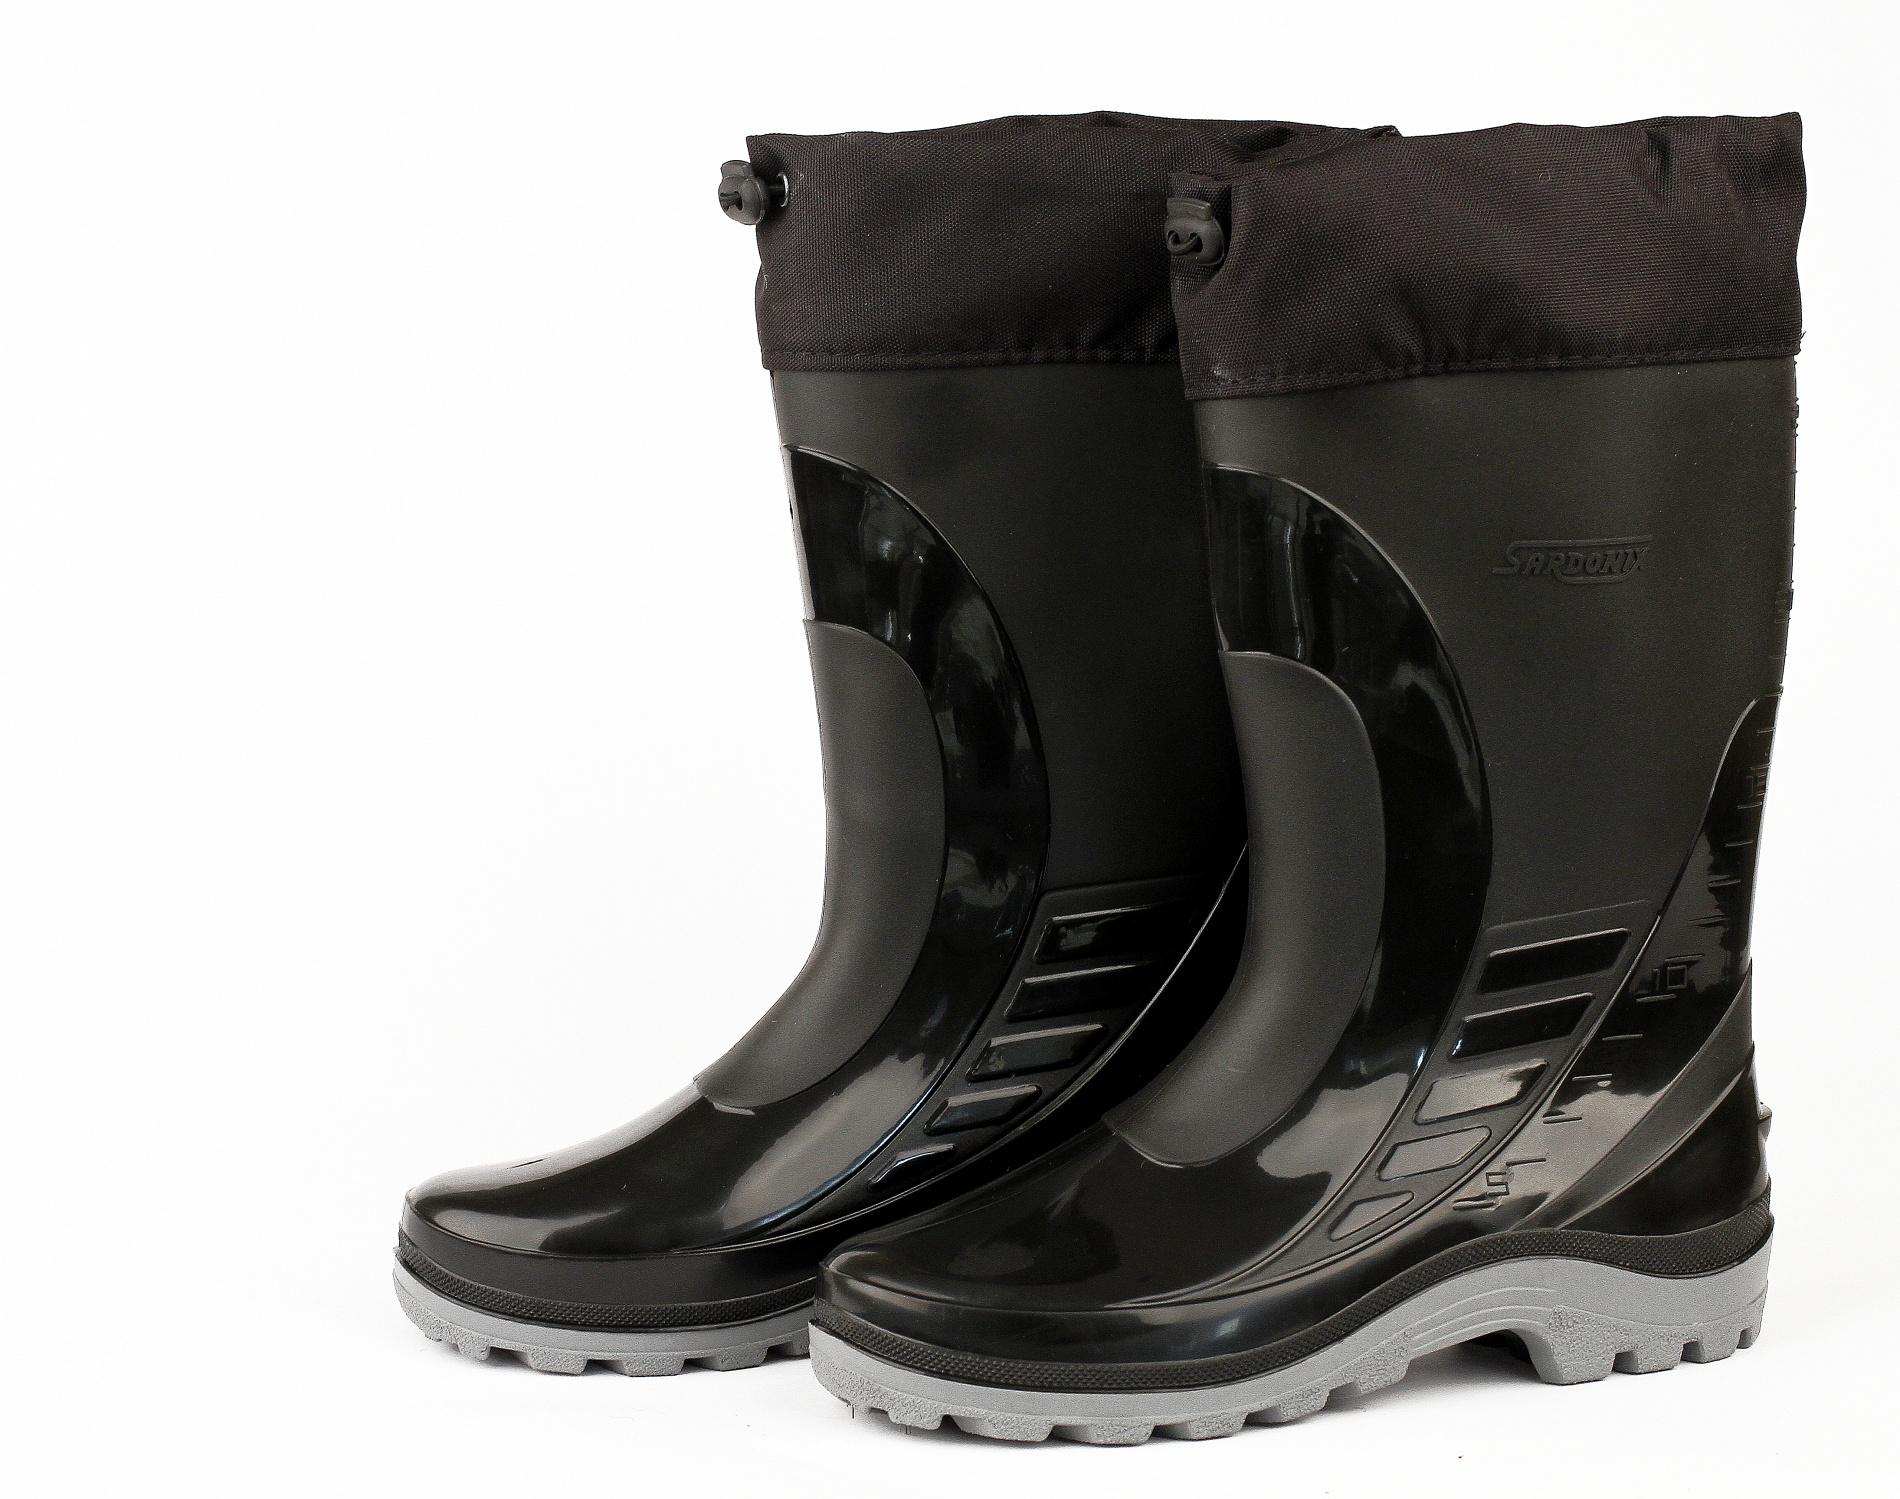 Сапоги ПВХ (SARDONIX) мужские черные с надставкой Сапоги для активного отдыха<br>Современная модель сапога, выполненная <br>методом двухкомпонентного литья, предназначена <br>для защиты ног от влаги и общих загрязнений. <br>Для голенища сапога используется эластичный <br>морозостойкий ПВХ (температура хрупкости <br>материала -30С) и специальный морозостойкий <br>подошвенный ПВХ, позволяющий увеличить <br>изсностойскость и придать комфортность <br>при ходьбе. Высота сапога 30см. Производство <br>SARDONIX.<br><br>Пол: мужской<br>Размер: 39(247)<br>Сезон: лето<br>Цвет: черный<br>Материал: Поливинилхлорид (ПВХ)морозостойкий(-30С)